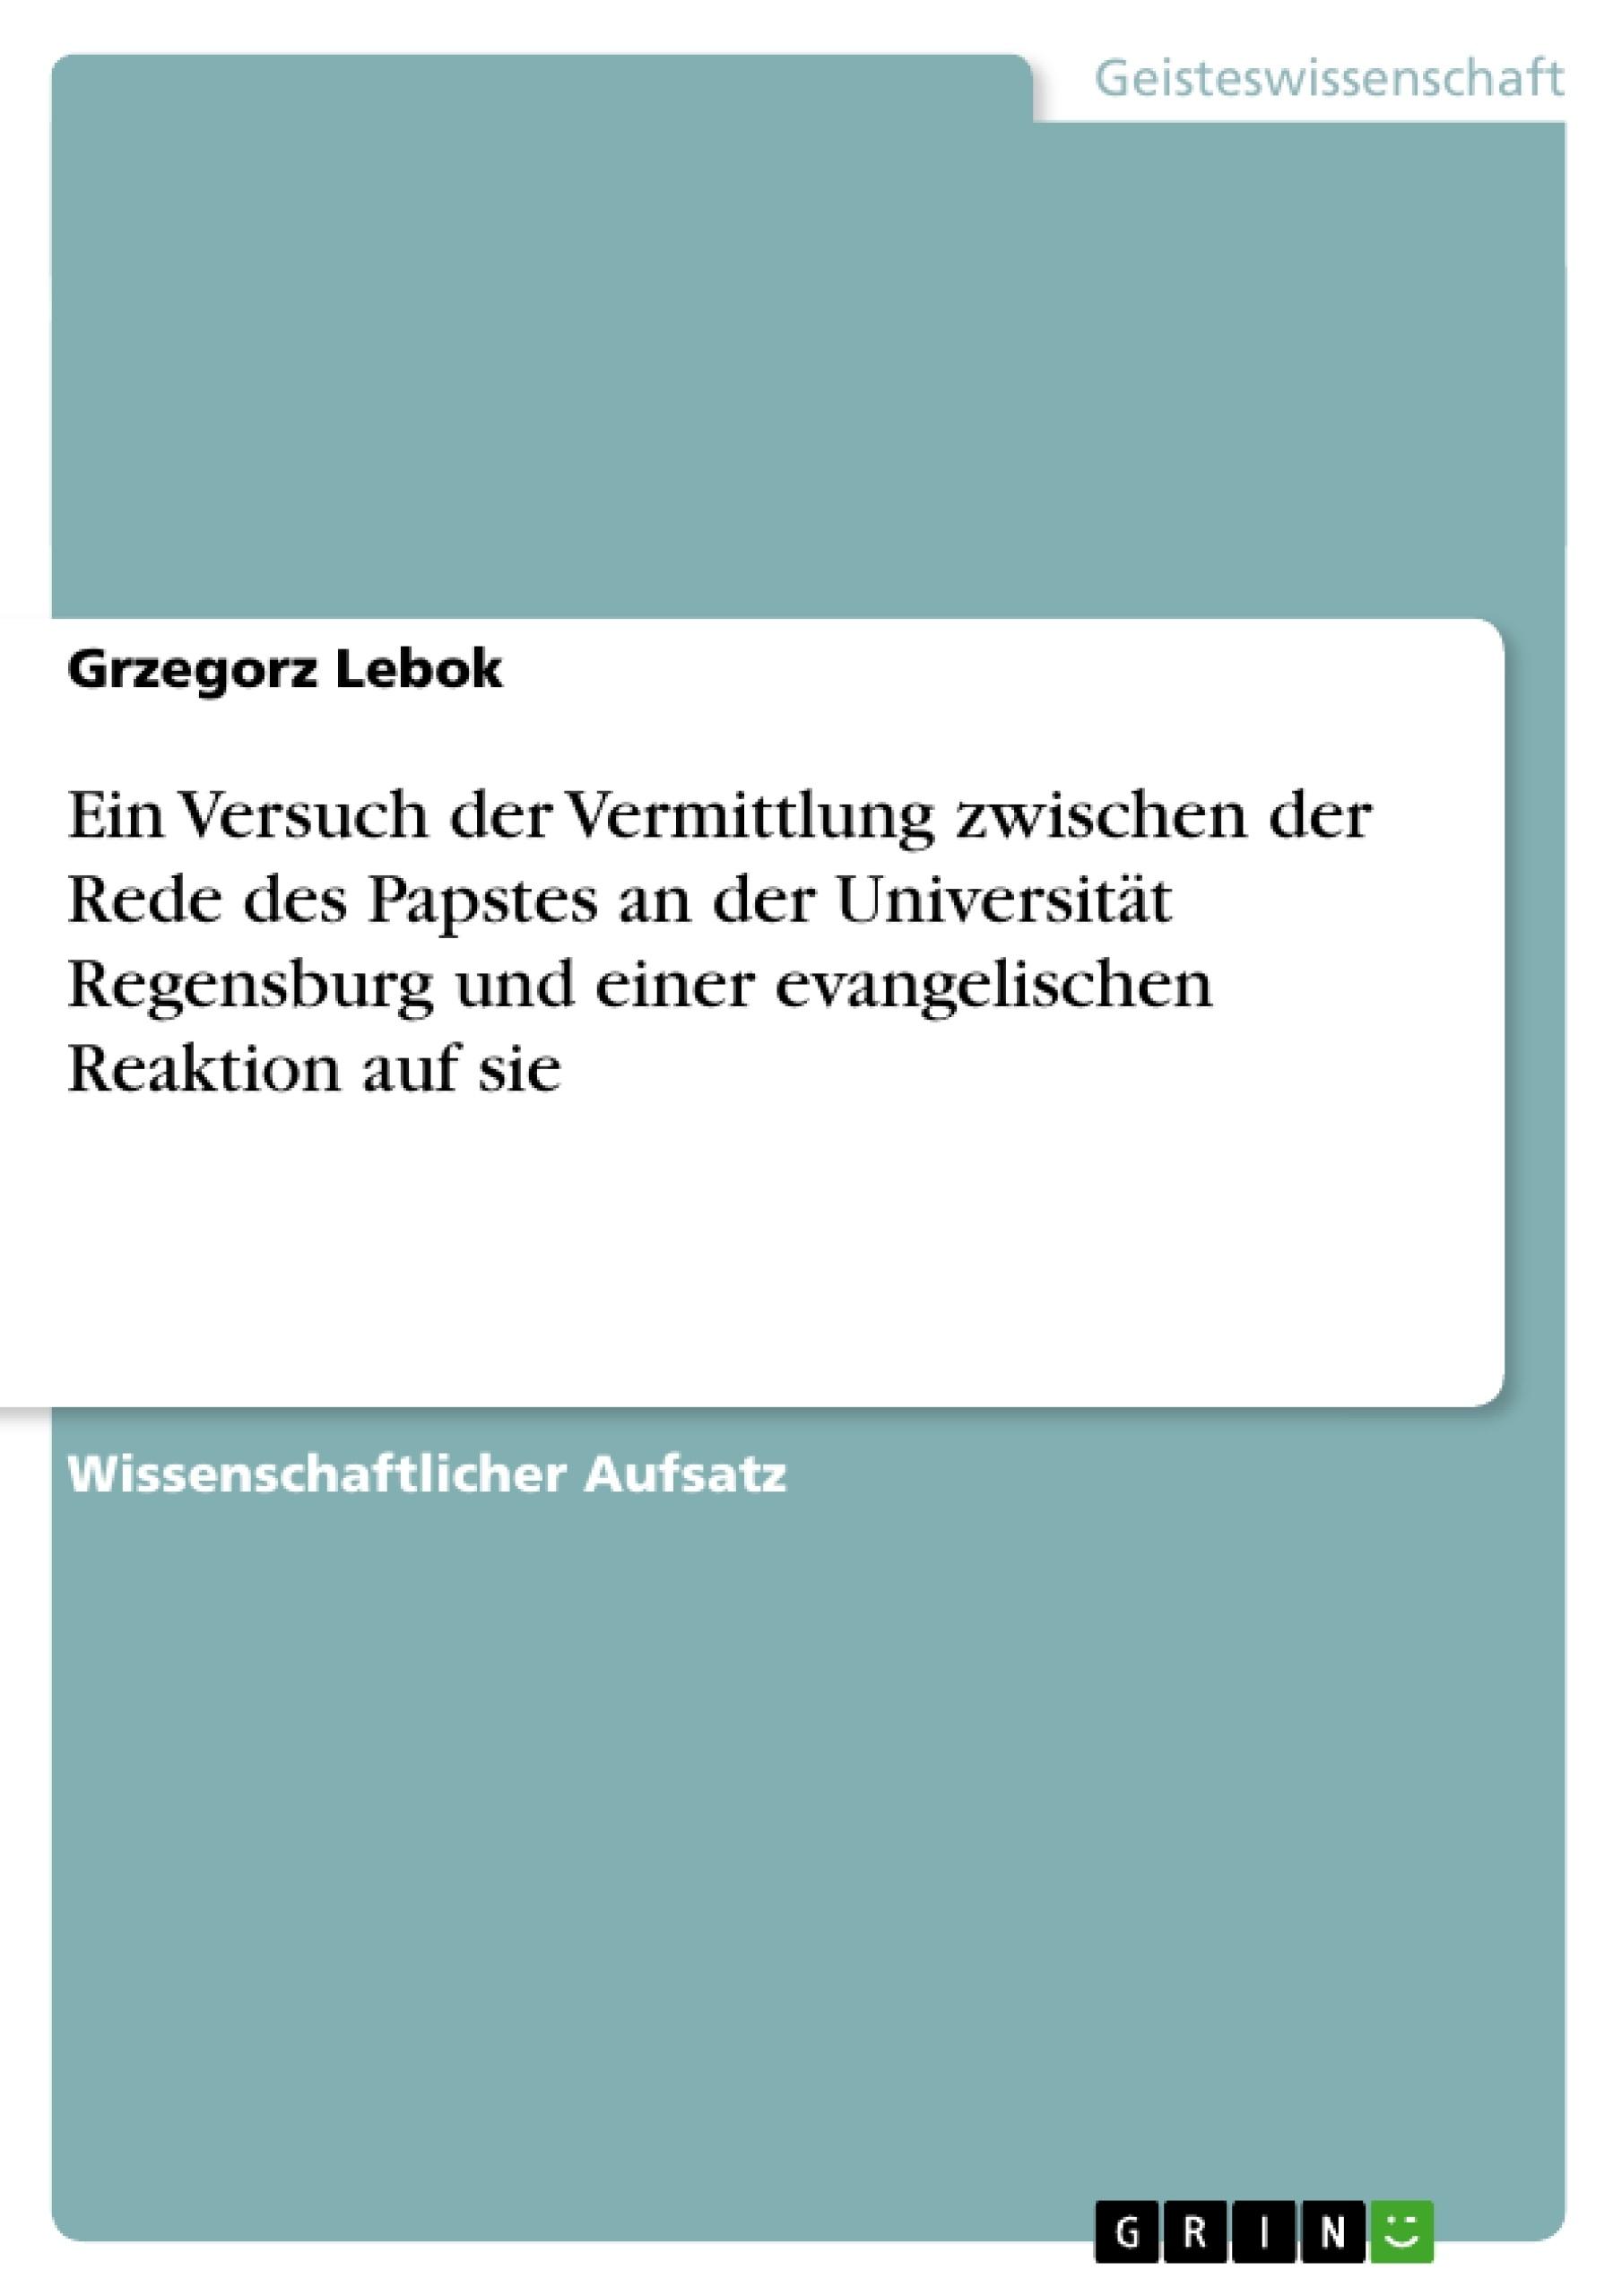 Titel: Ein Versuch der Vermittlung zwischen der Rede des Papstes an der Universität Regensburg und einer evangelischen Reaktion auf sie